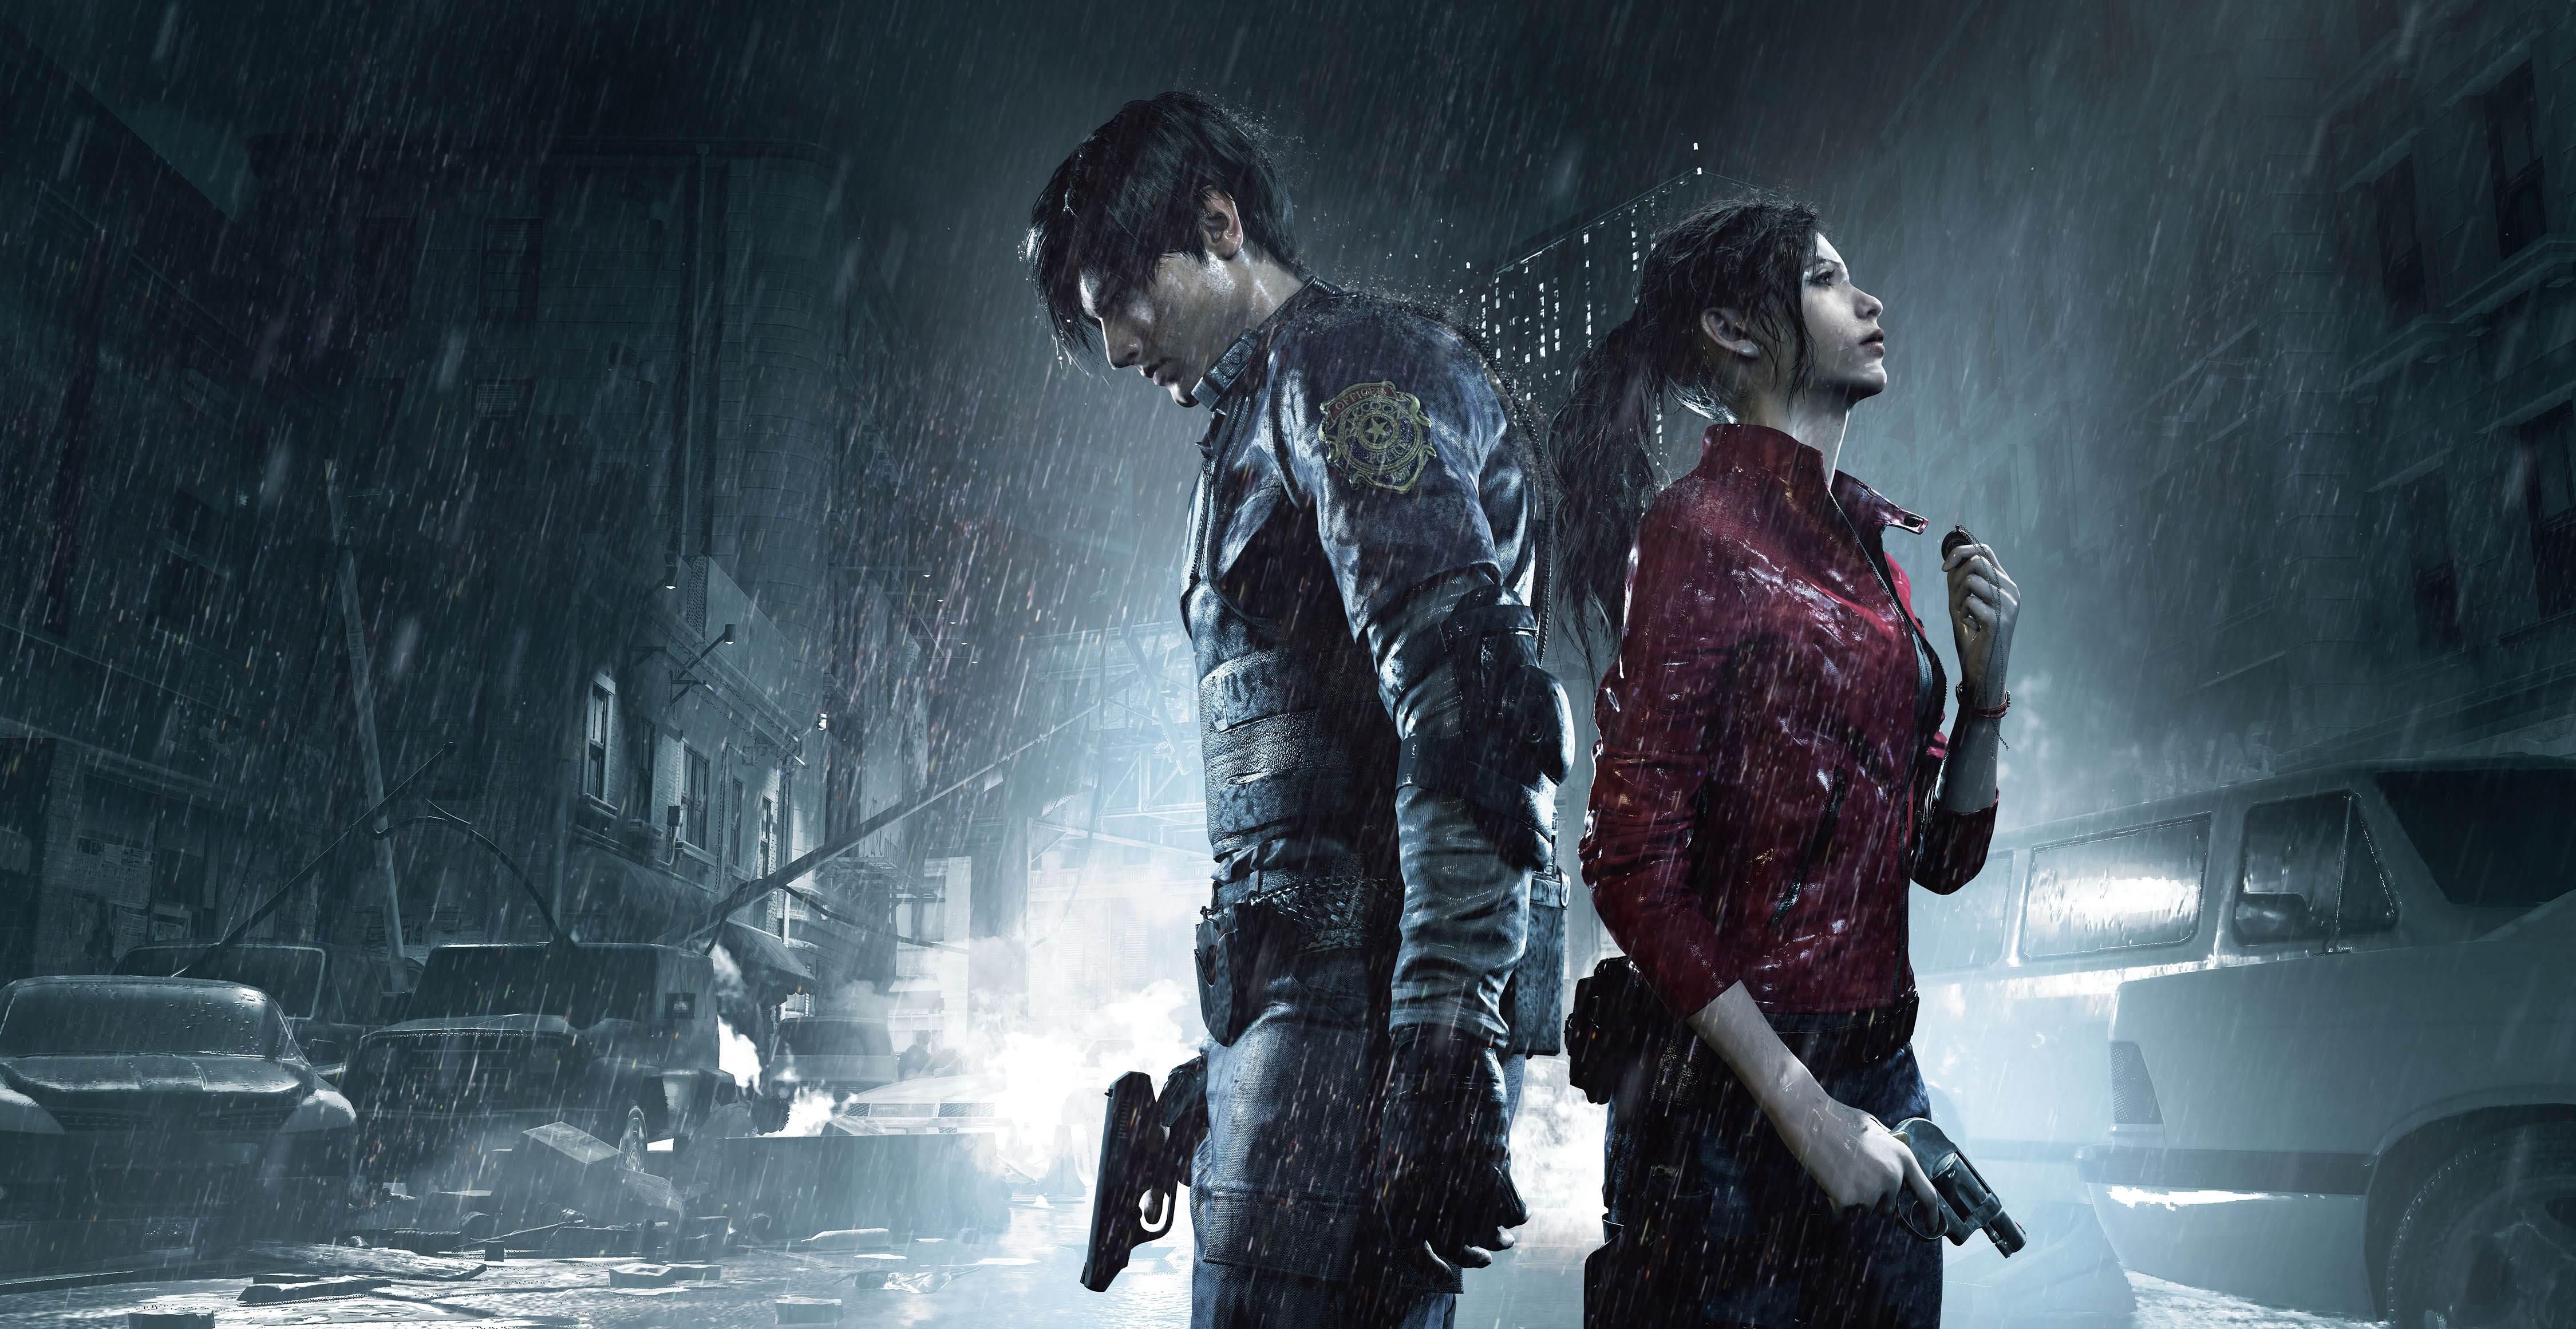 Resident Evil 2 - создатель оригинальной игры Хидеки Камия высказался о ремейке